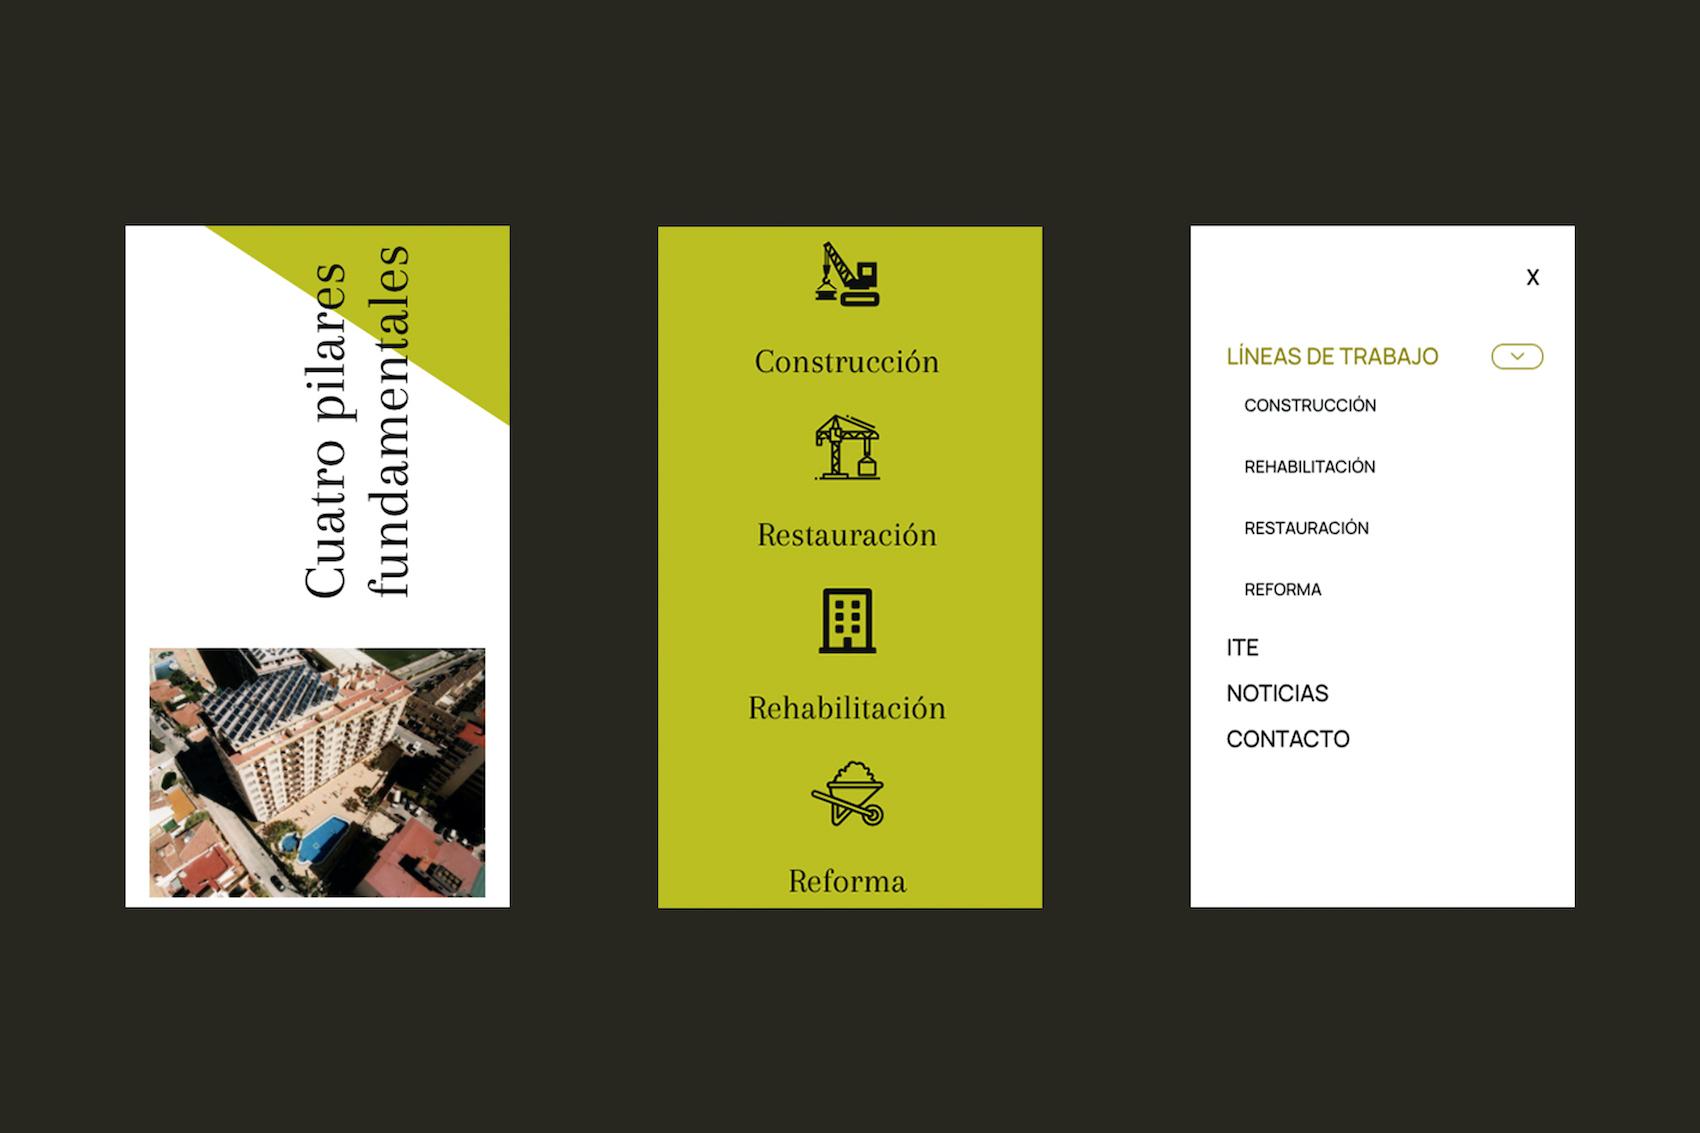 Portfolio persoal de deseño web: móbil